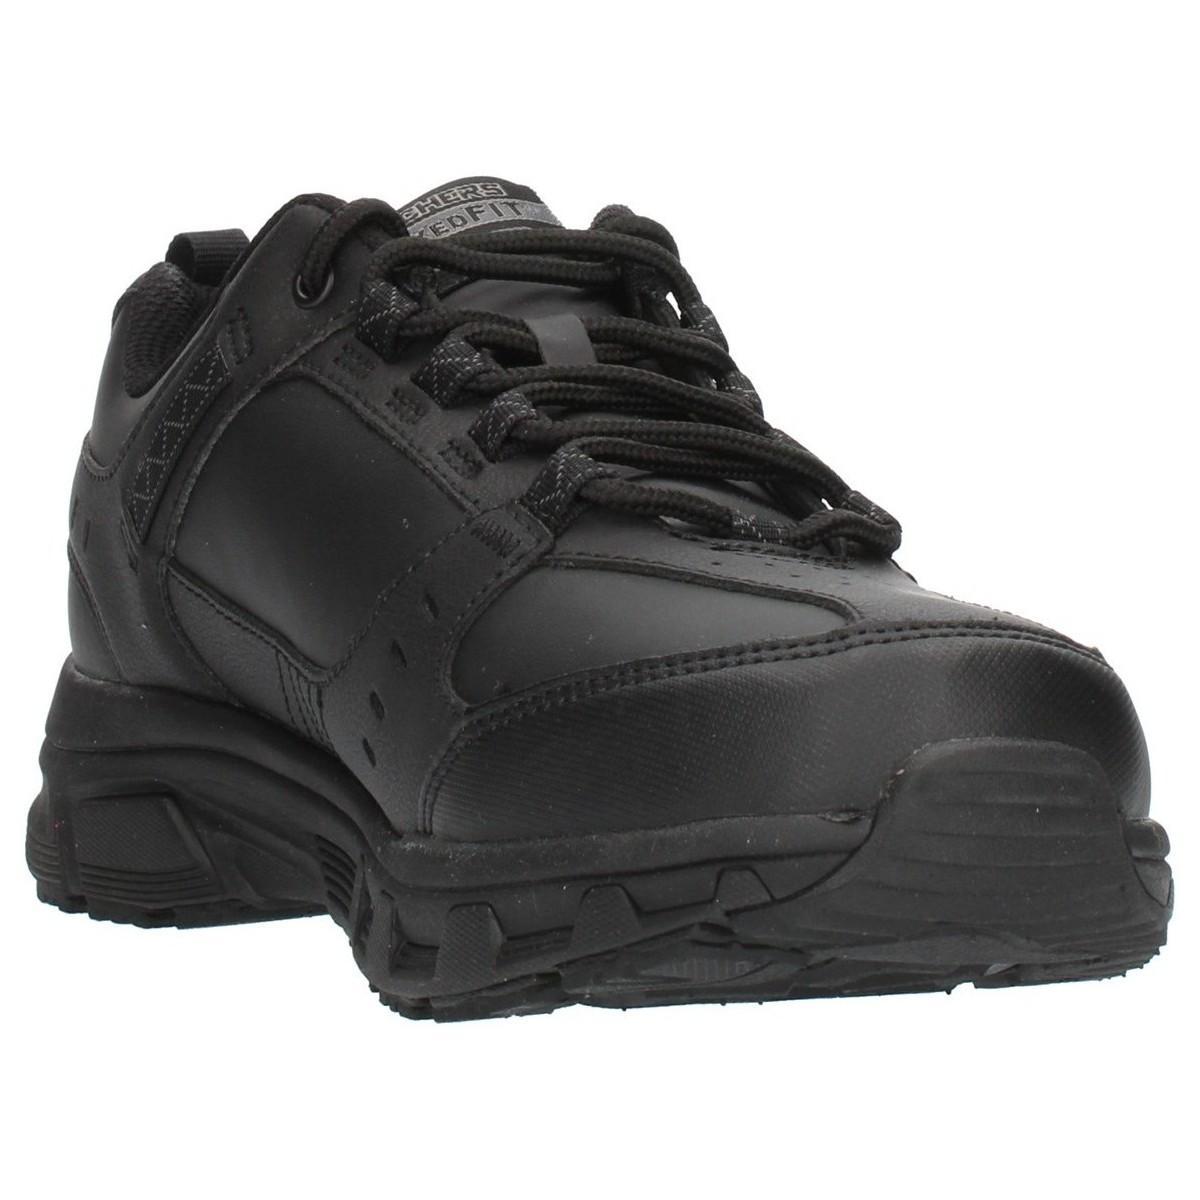 51896 Chaussures Skechers pour homme en coloris Noir